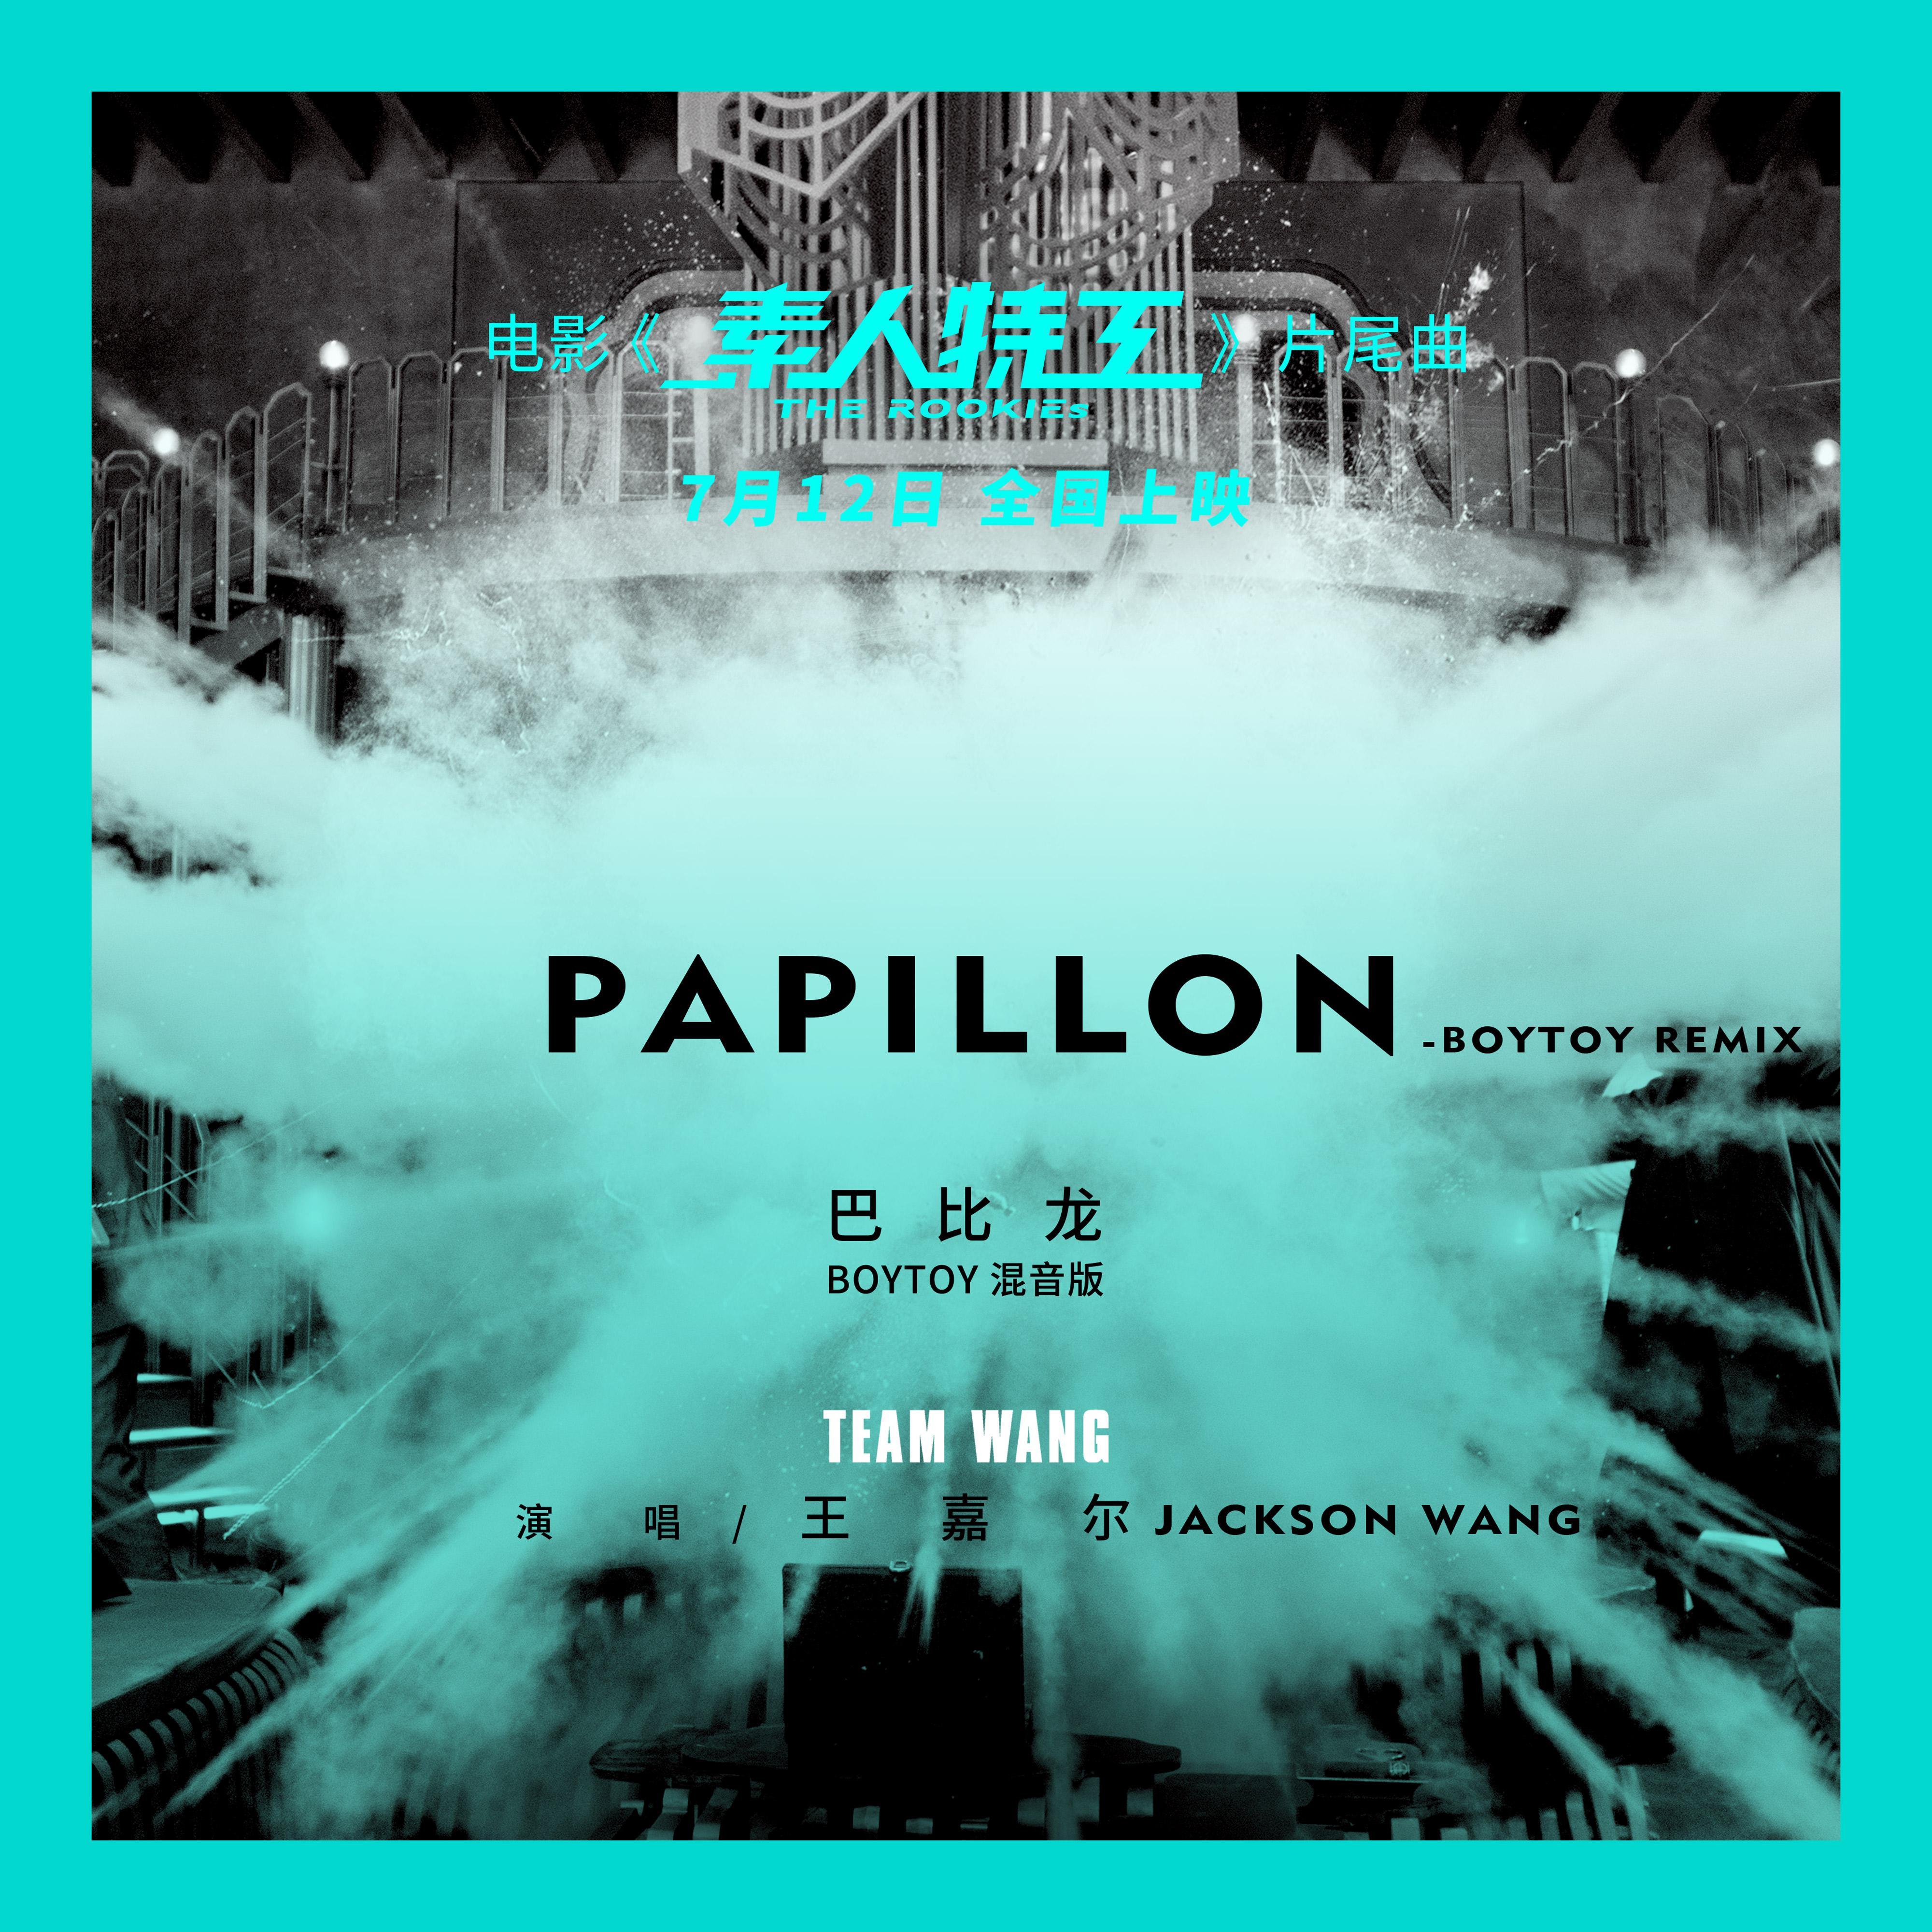 Papillon(BOYTOY remix) [巴比龙 (BOYTOY 混音版)]